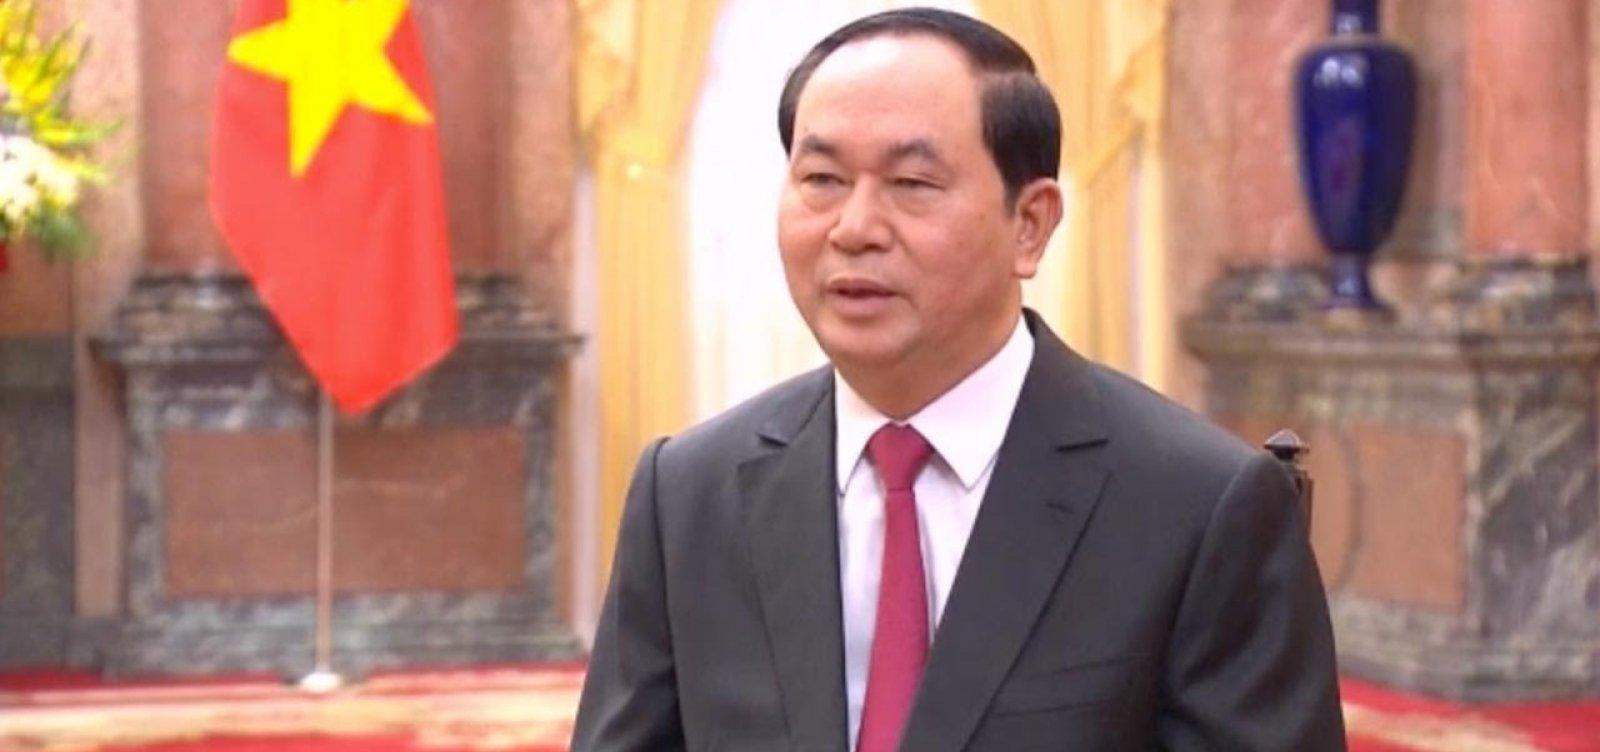 Presidente do Vietnã morre aos 61 anos em Hanói